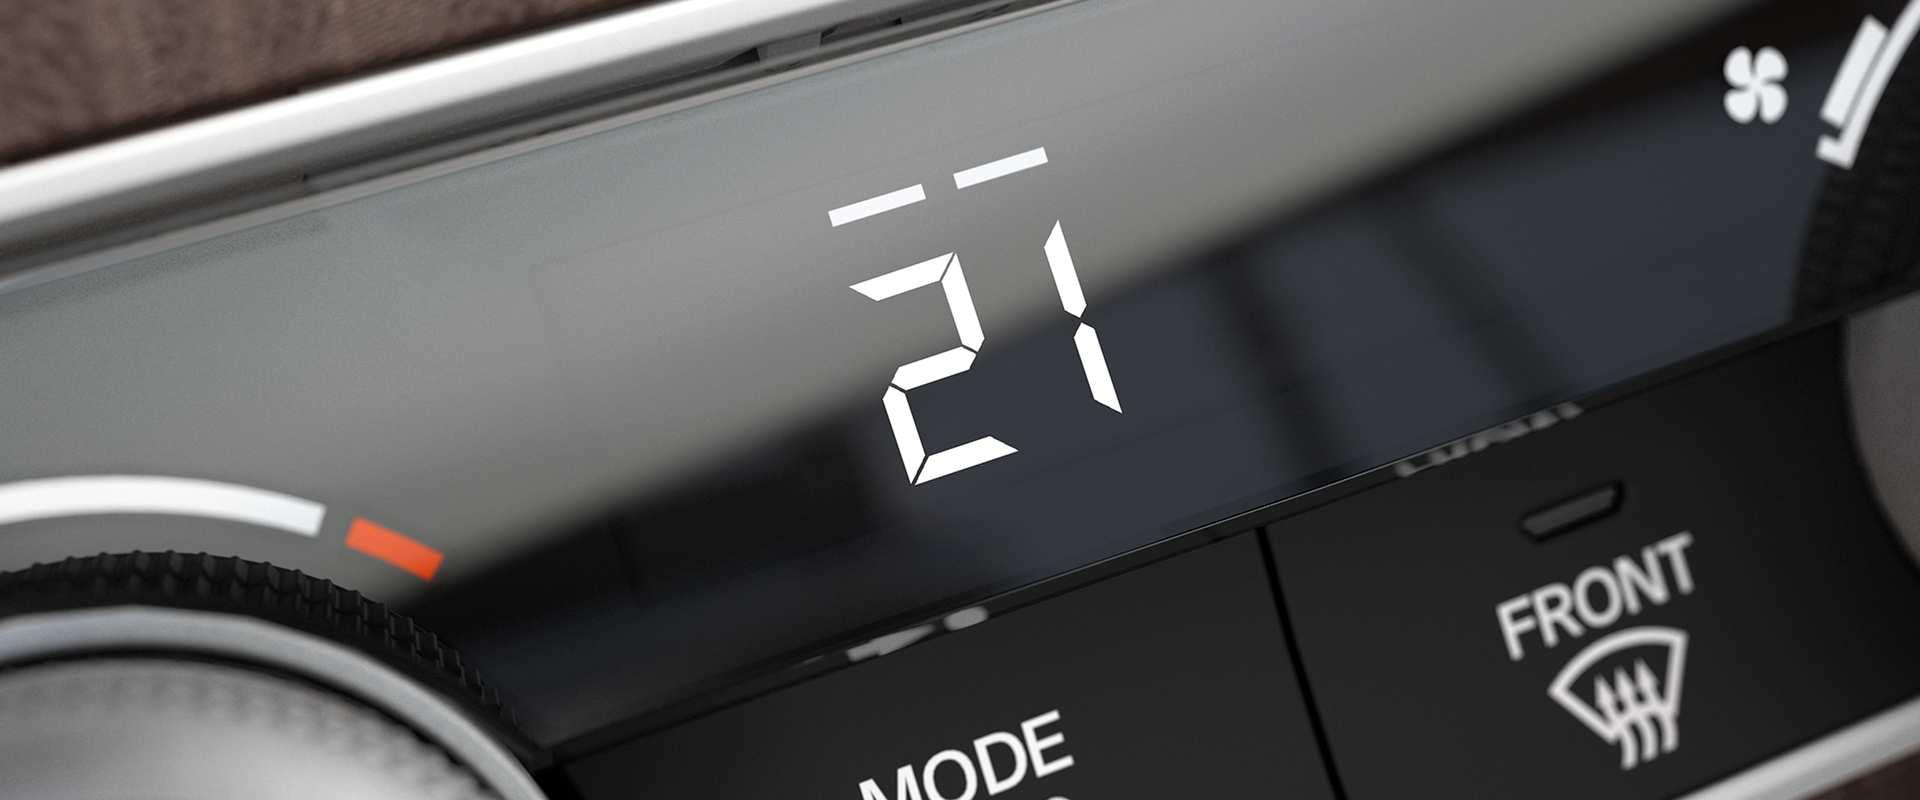 Ar-condicionado digital Dual Zone com difusores traseiros